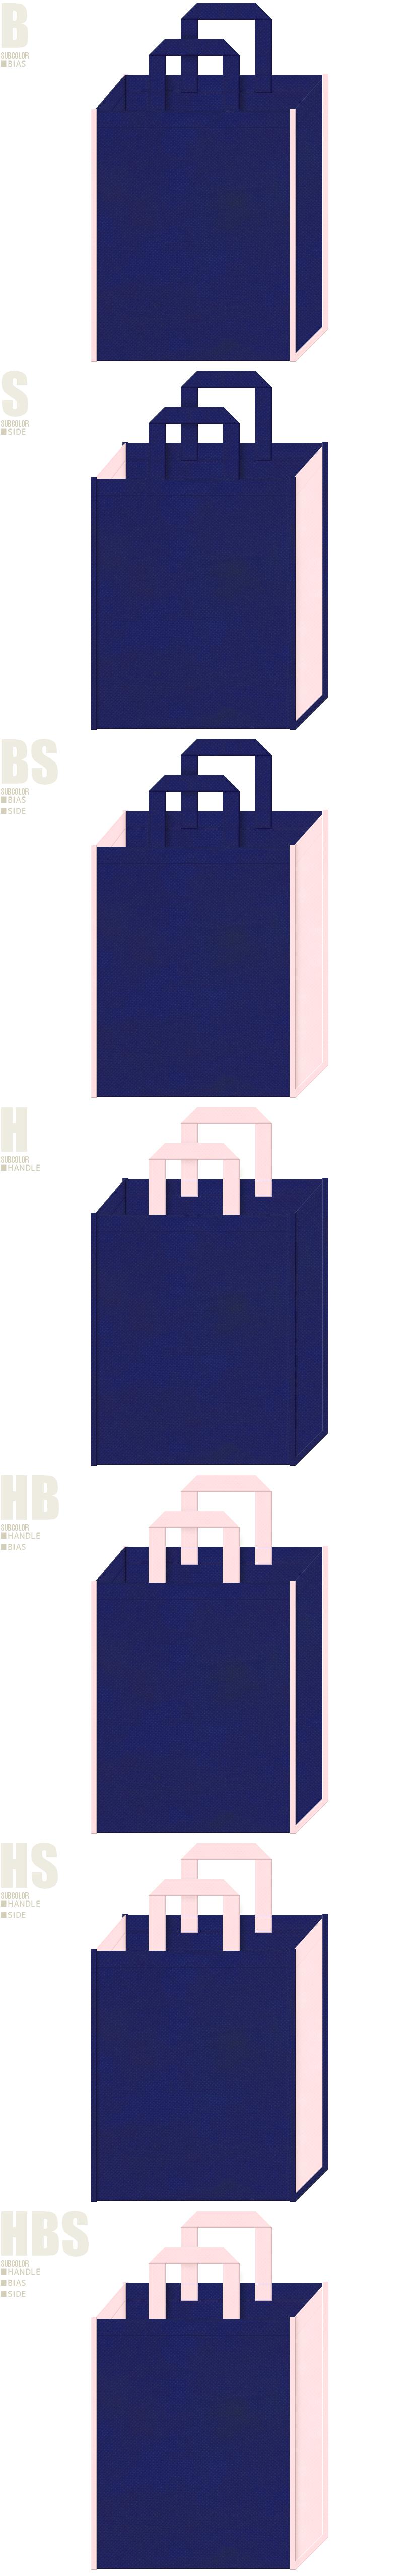 夏浴衣のイメージにお奨めの不織布バッグデザイン:明るい紺と桜色不織布バッグ配色パターン